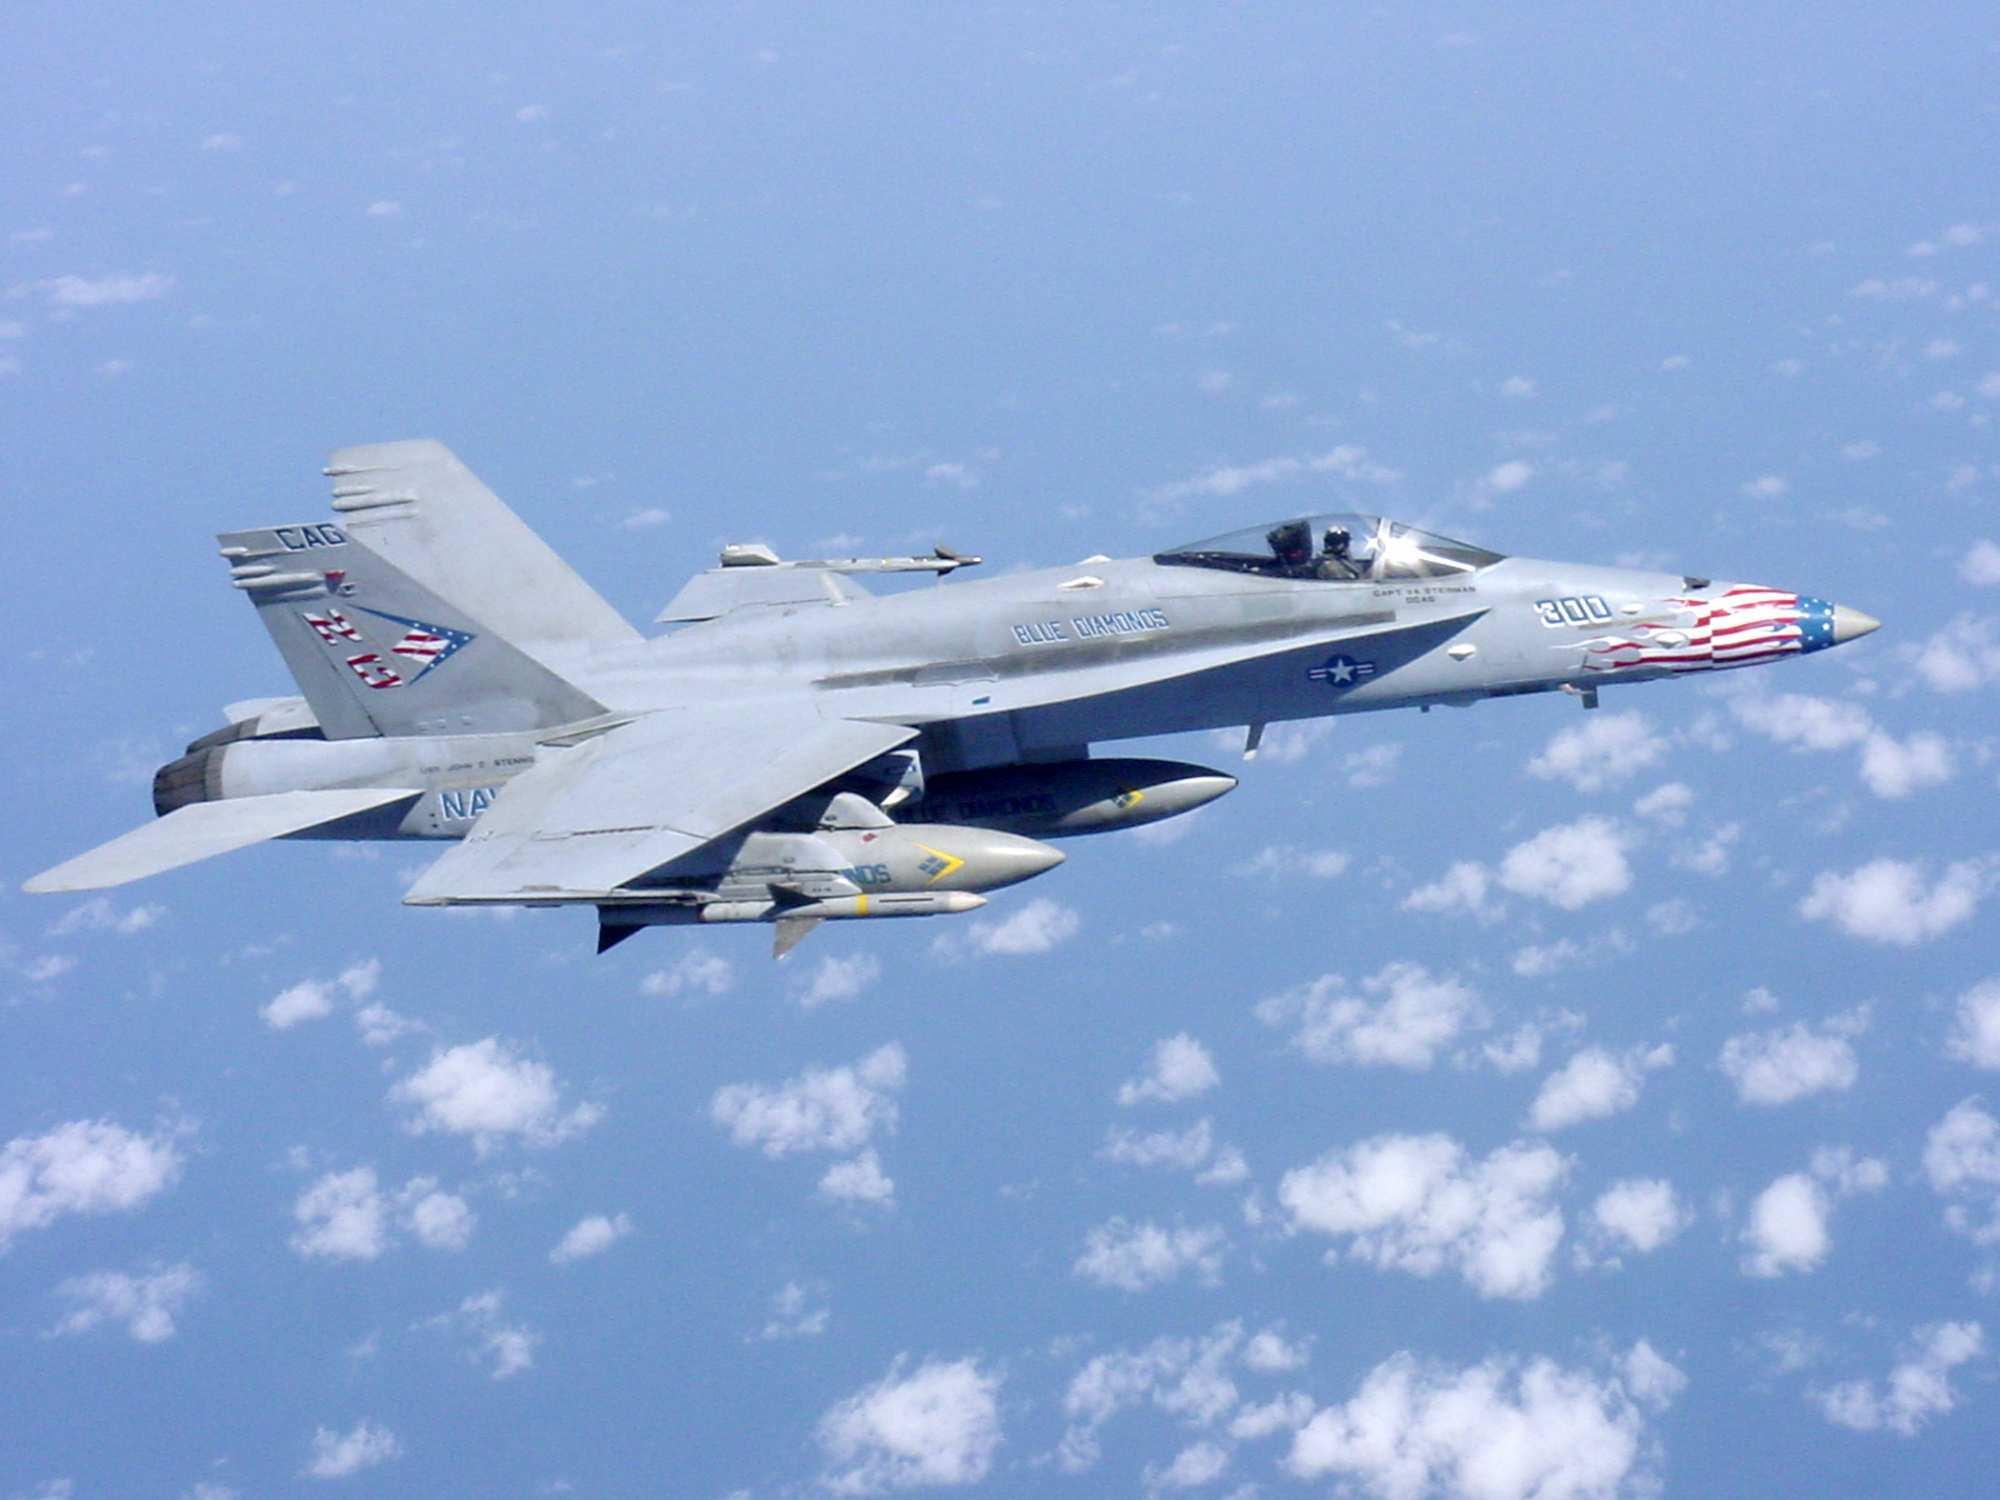 Российские и американские ВВС впервые пересеклись в небе Сирии, — CNN | Русская весна